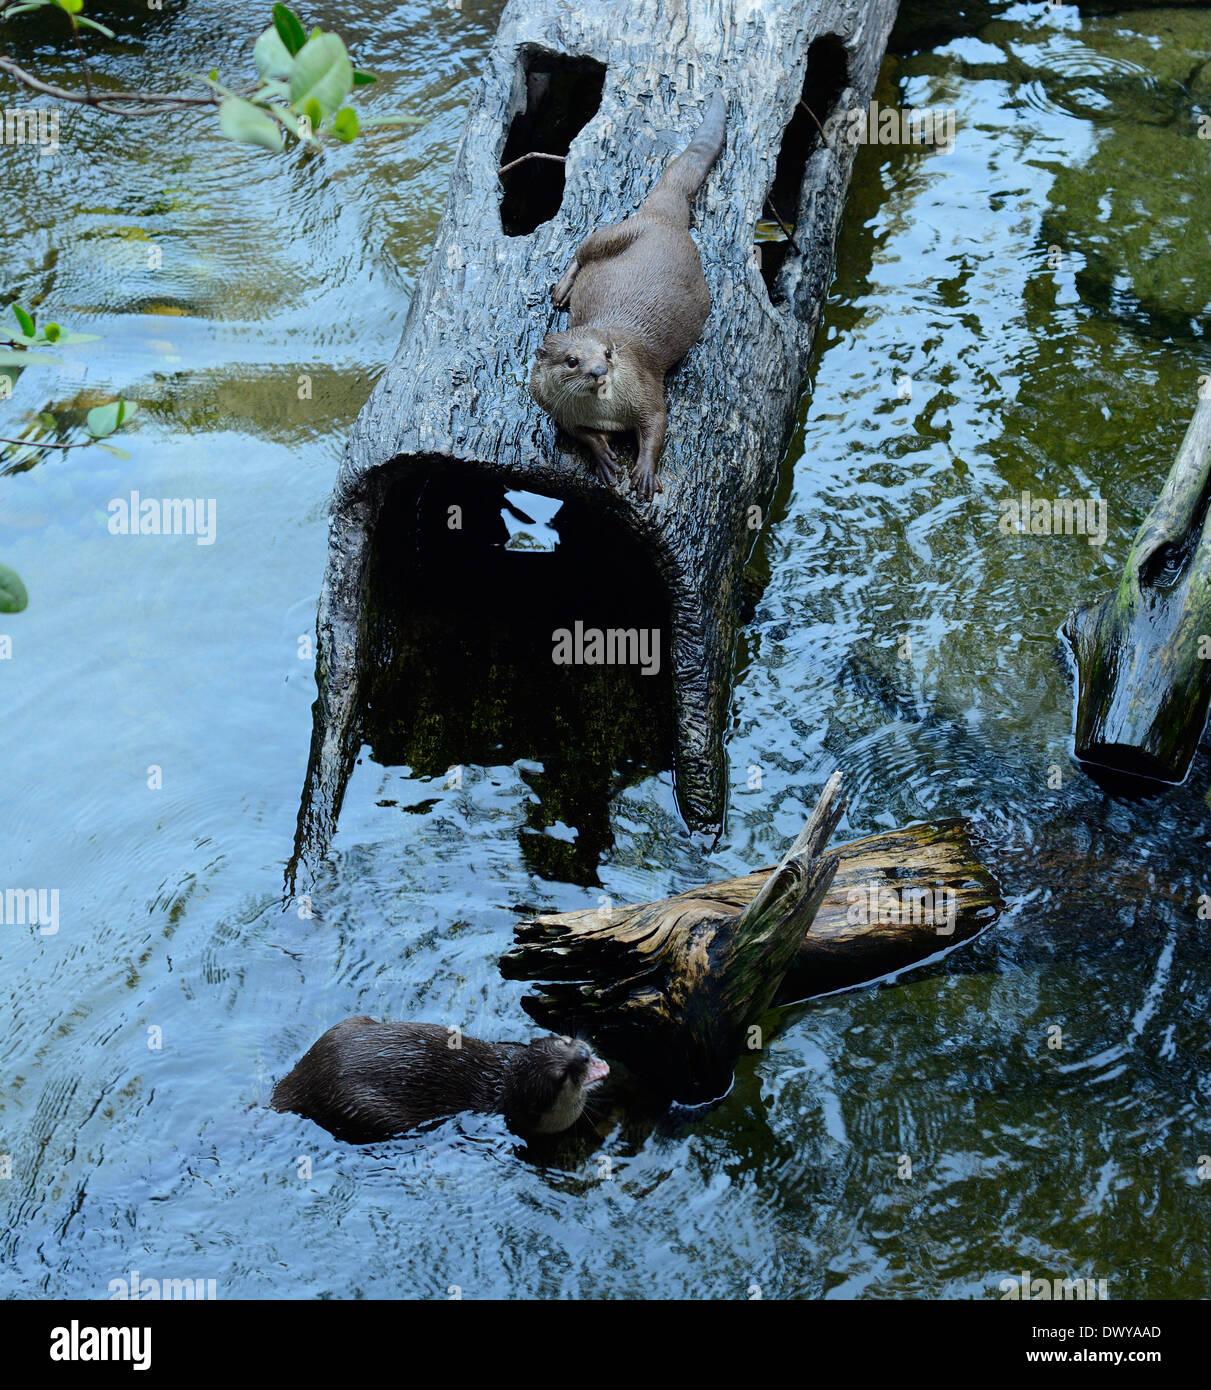 Belle à revêtement lisse Otter (Cerdocyon perspicillata) vivant dans la forêt thaïlandaise Banque D'Images